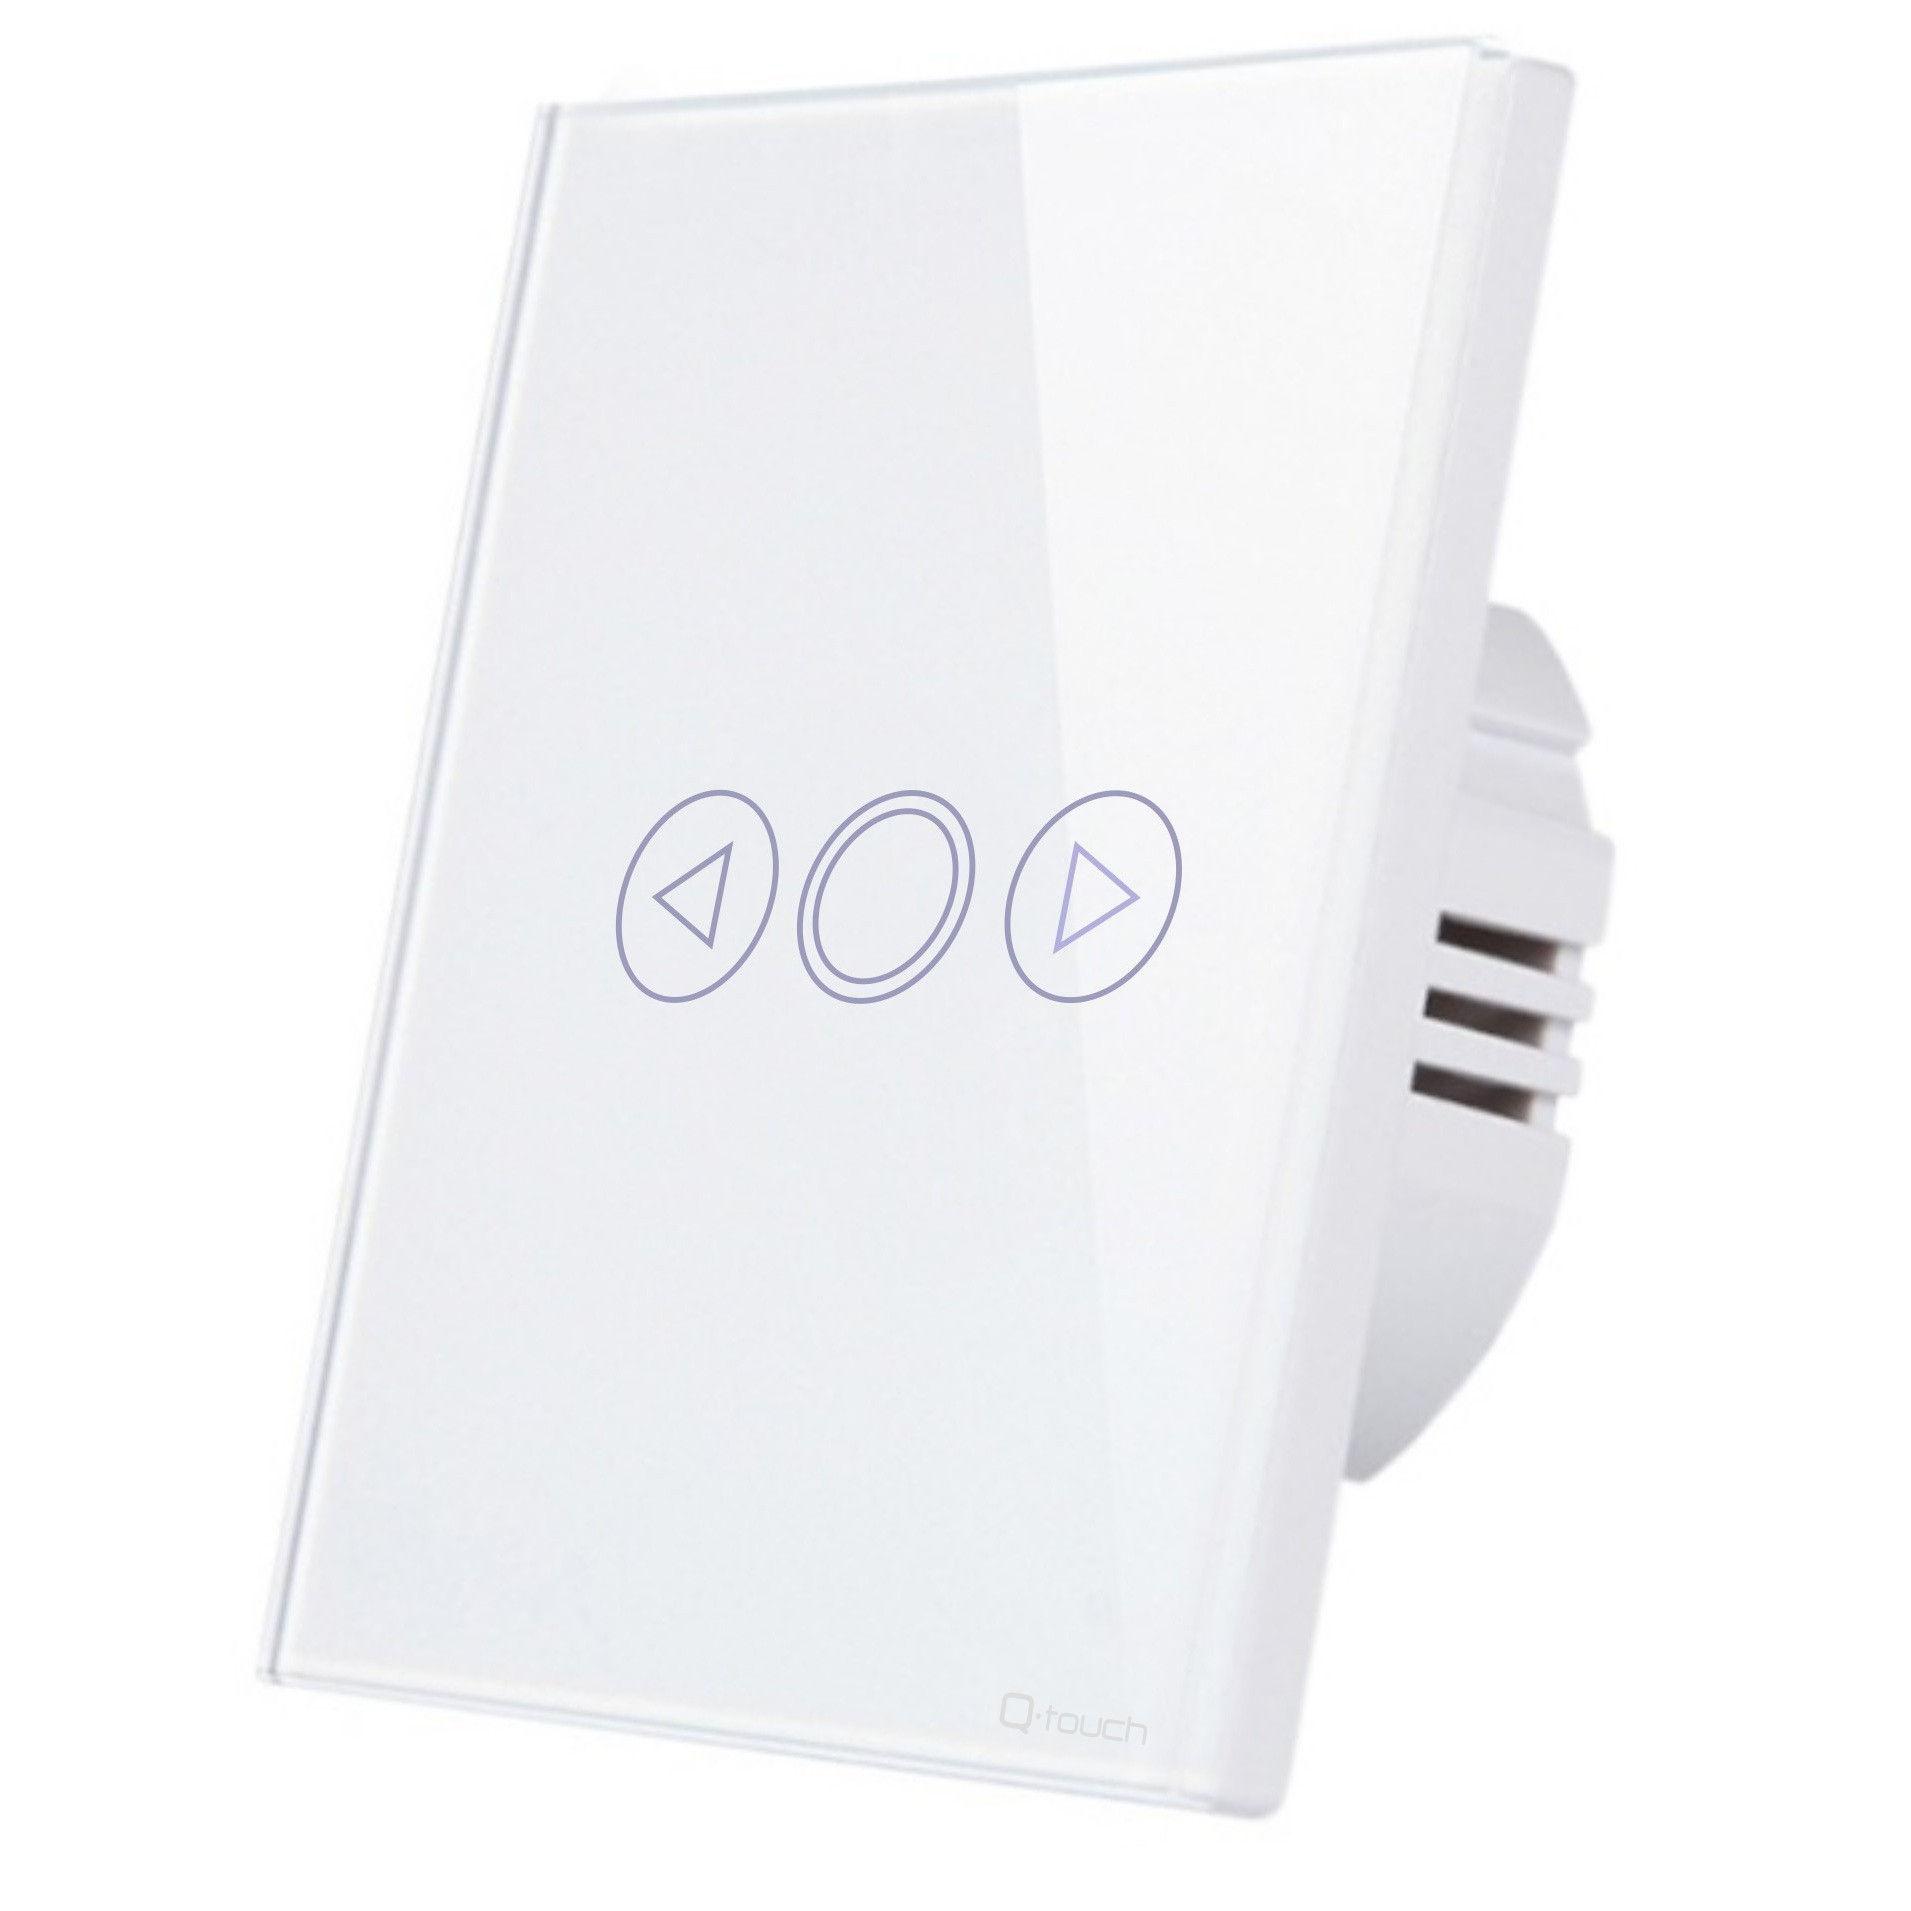 Glas Touch Lichtschalter Einschalter Ausschalter Fernbedienung LED Weiß 230V